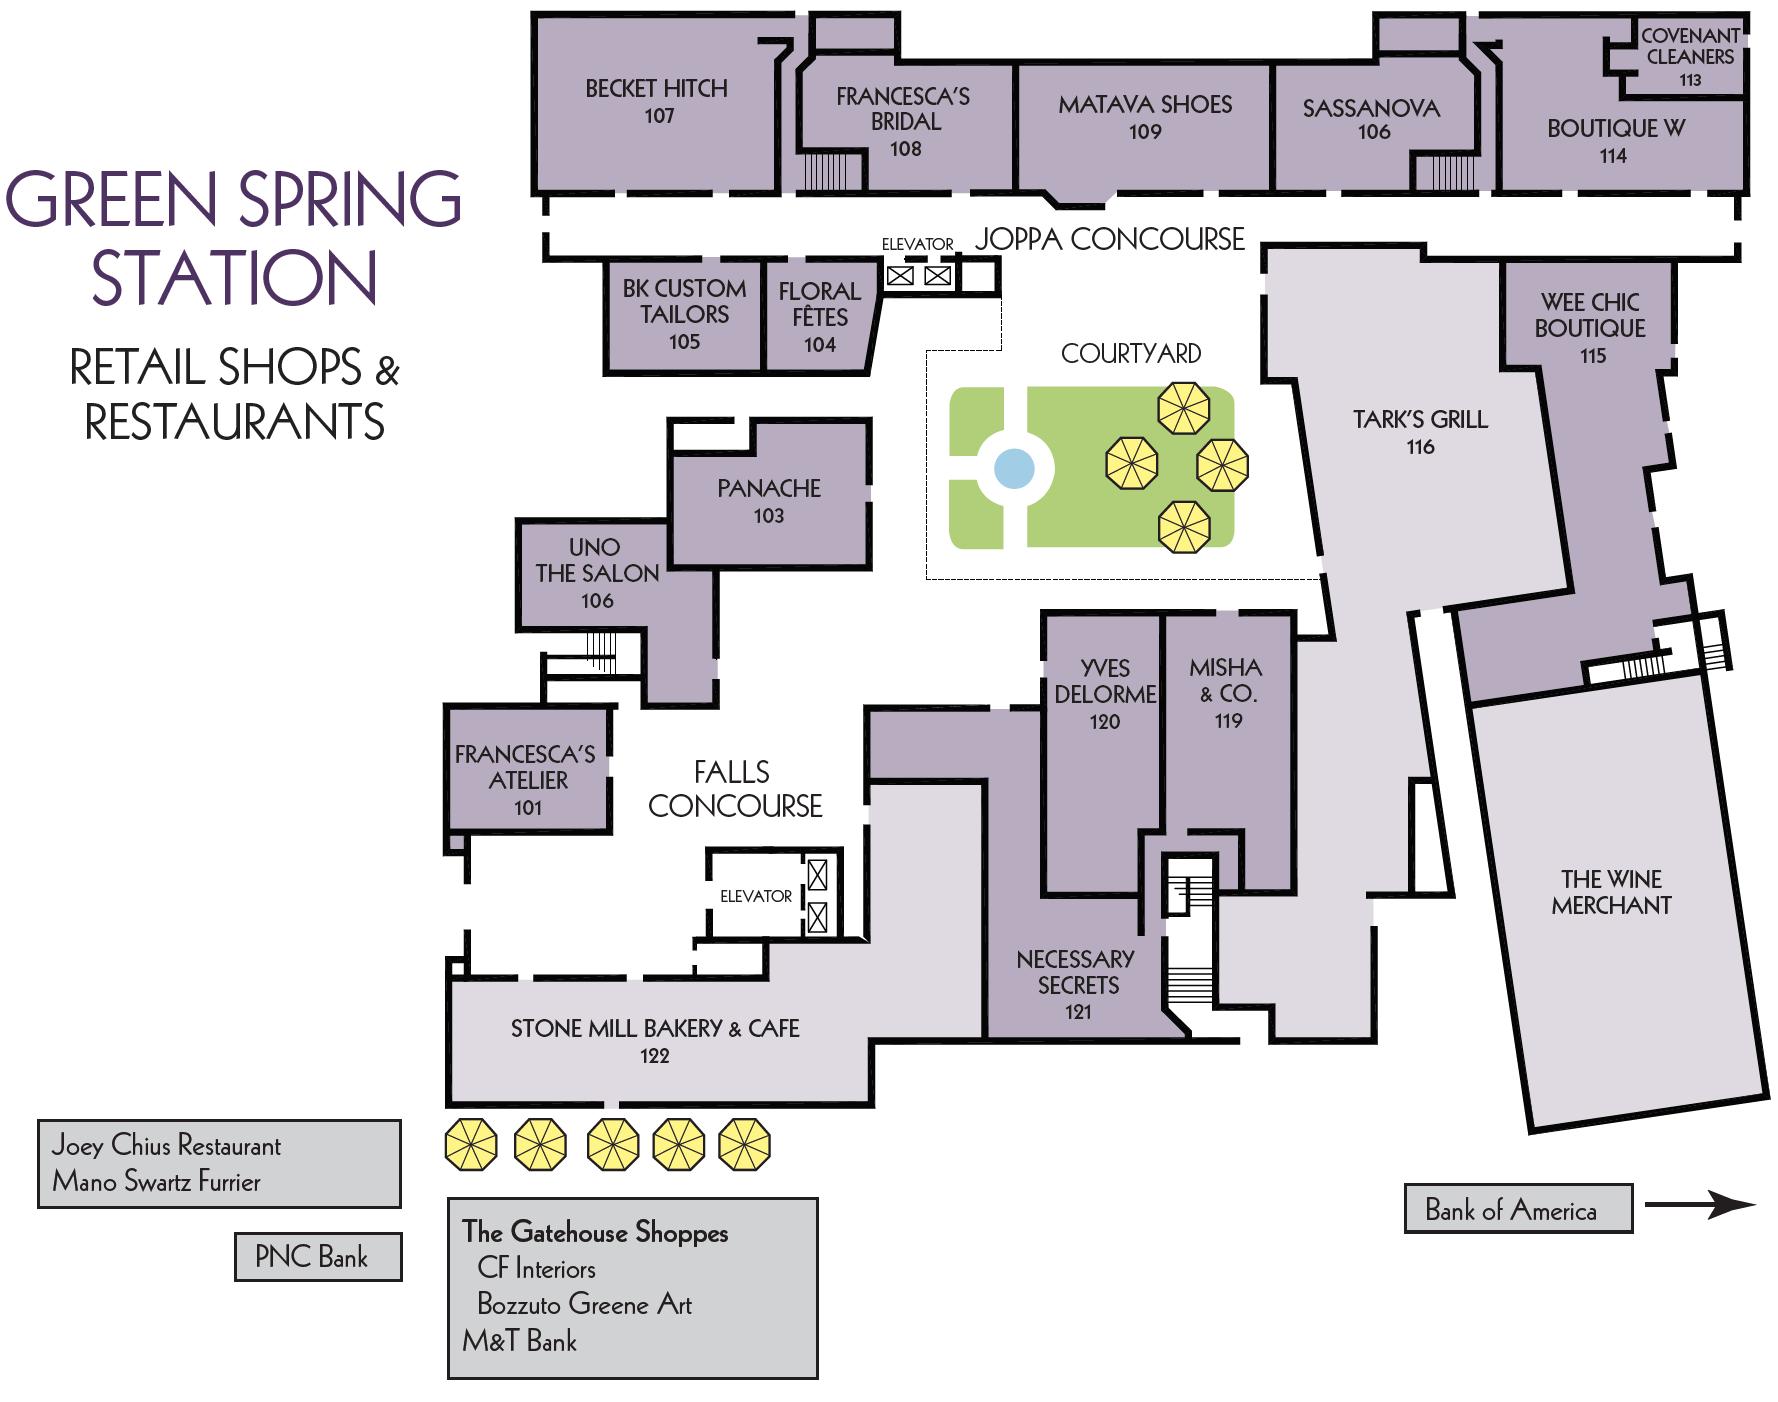 Greenspring Station Retail Map